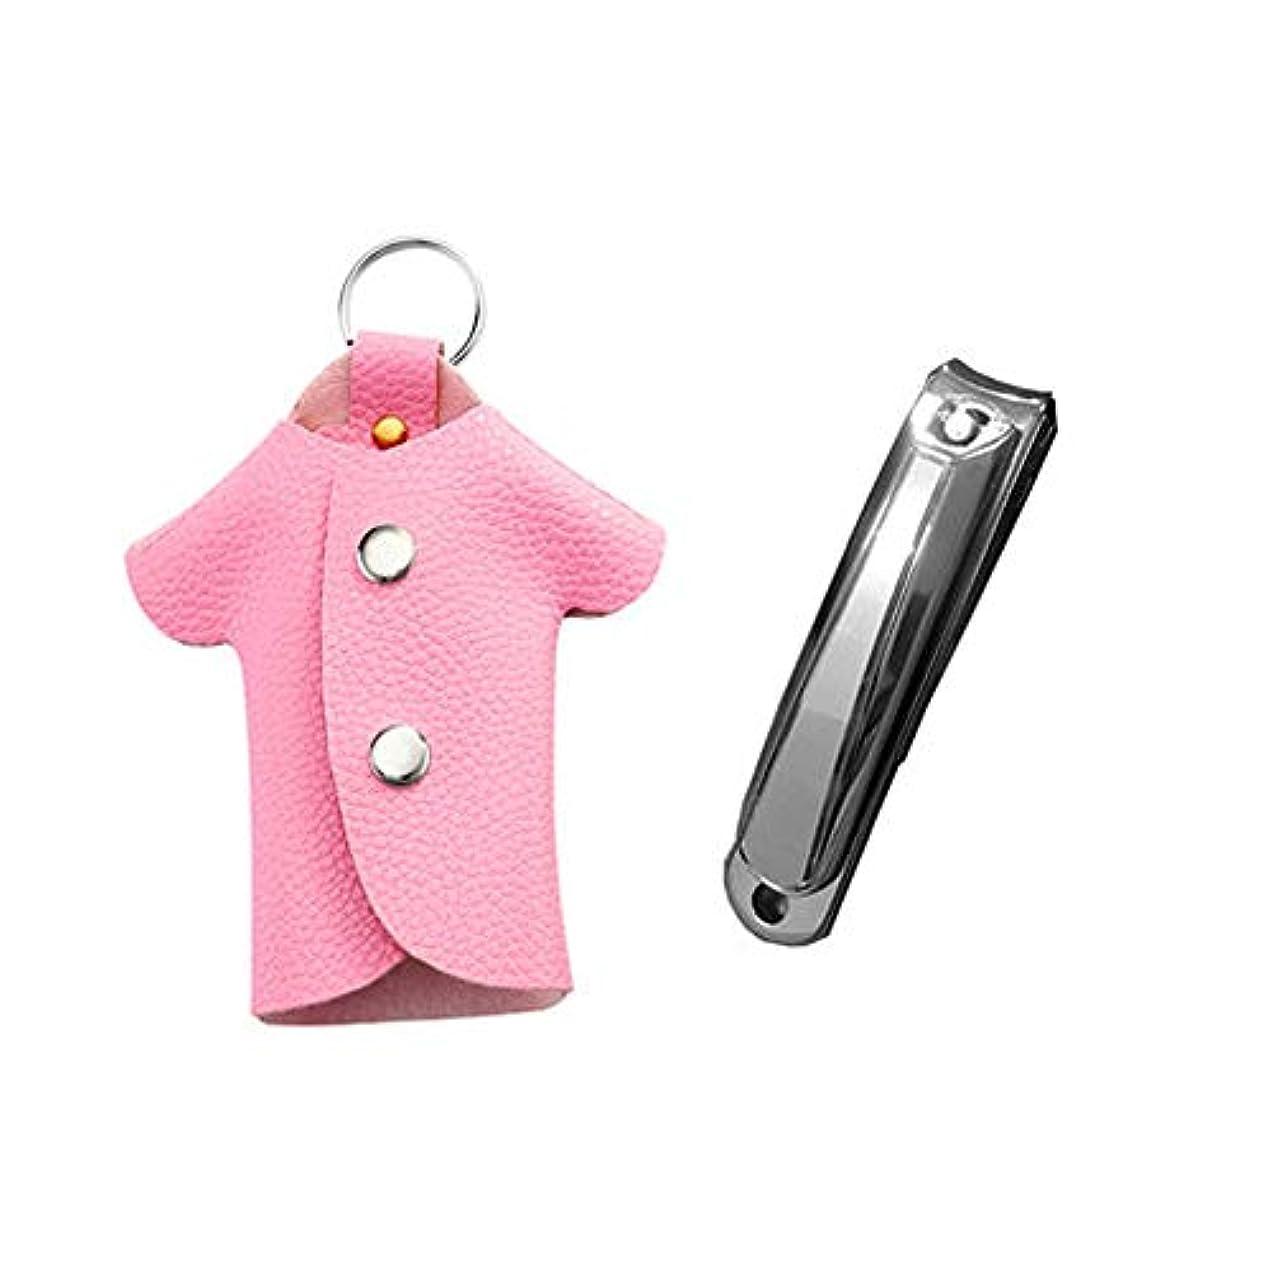 退屈な無駄吸収かわいい爪切りクリエイティブ爪切り男女兼用爪切り、ピンク